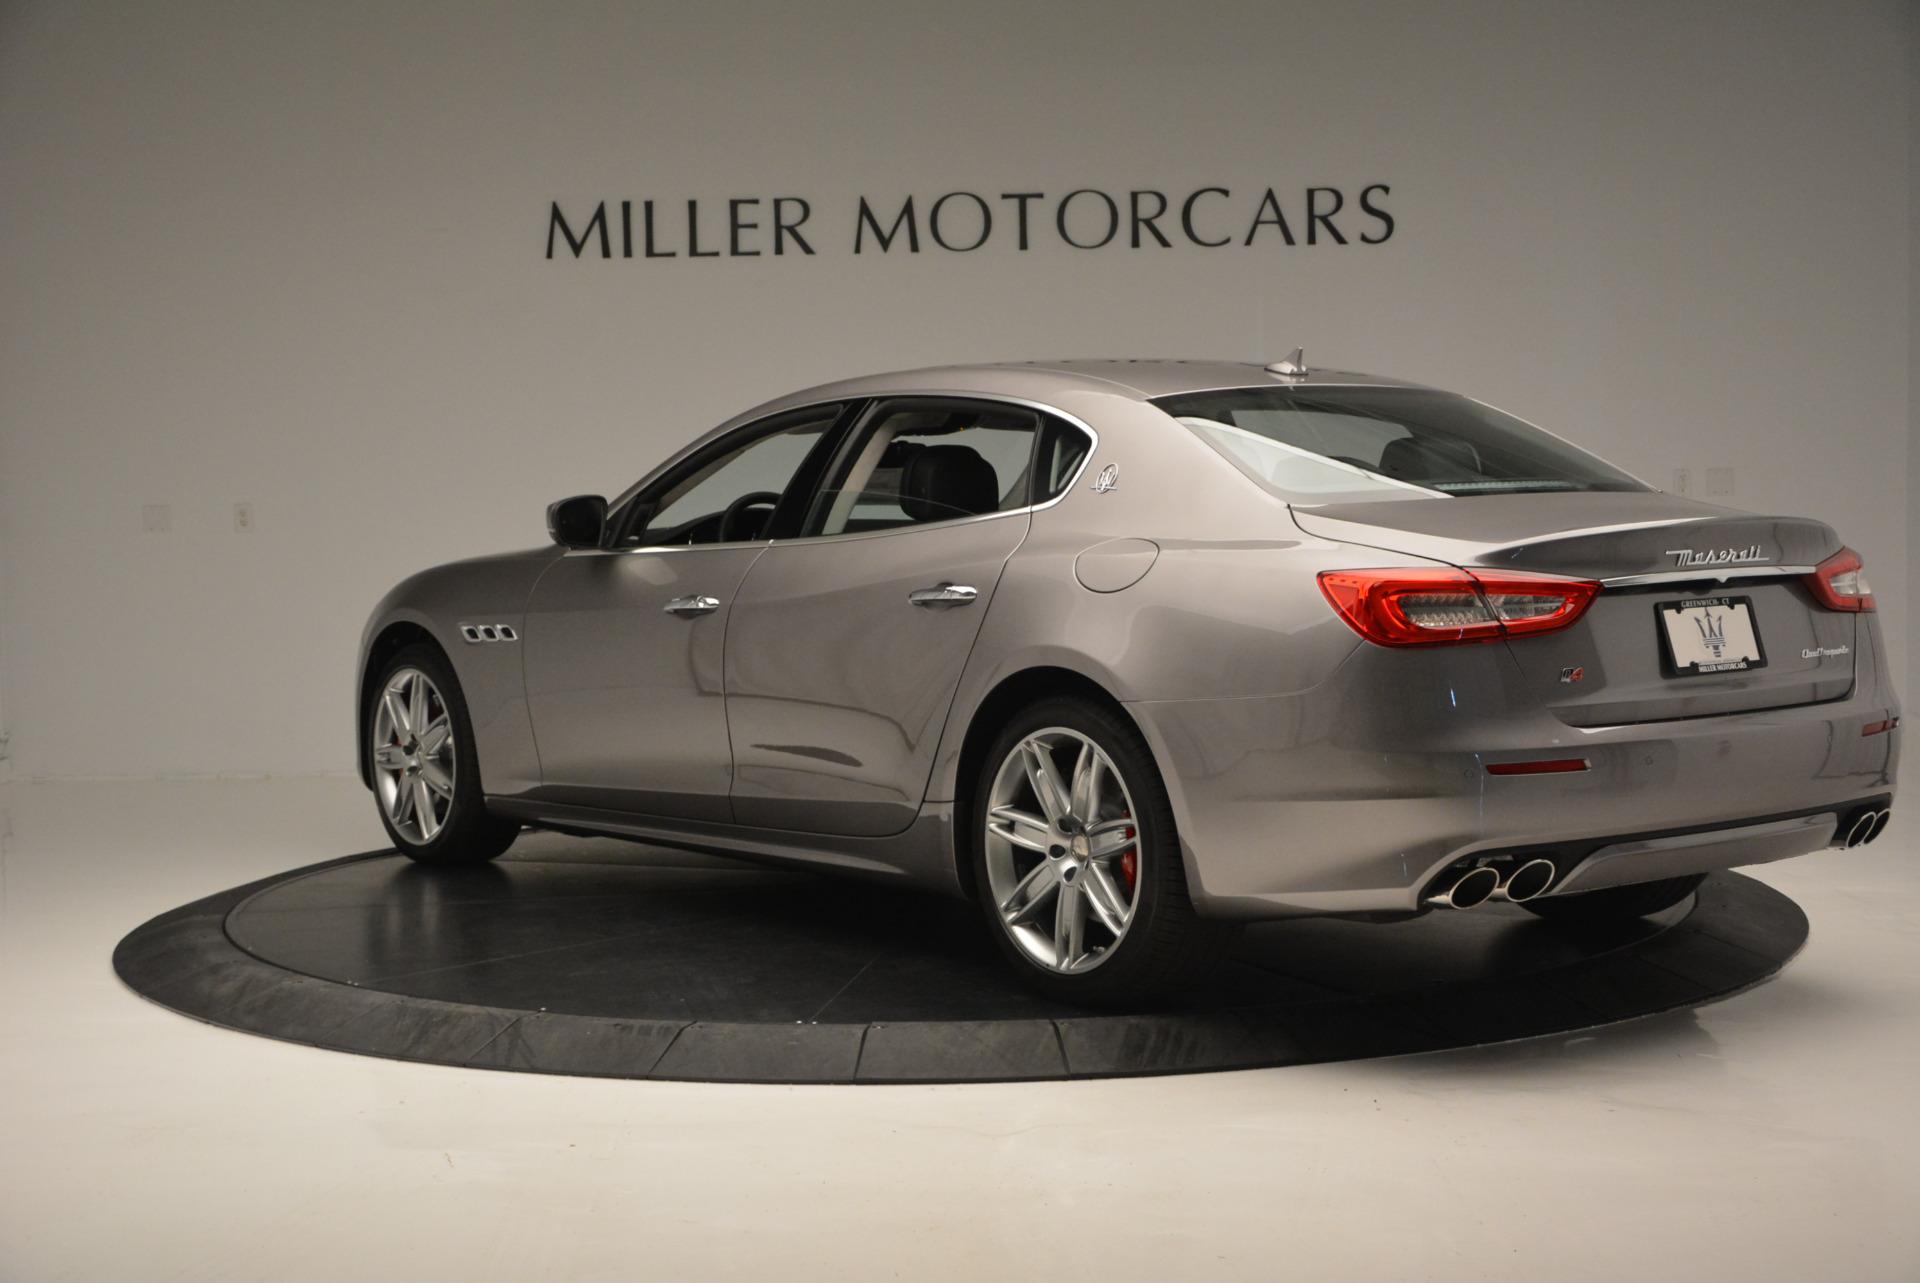 New 2017 Maserati Quattroporte S Q4 GranLusso For Sale In Greenwich, CT 611_p5